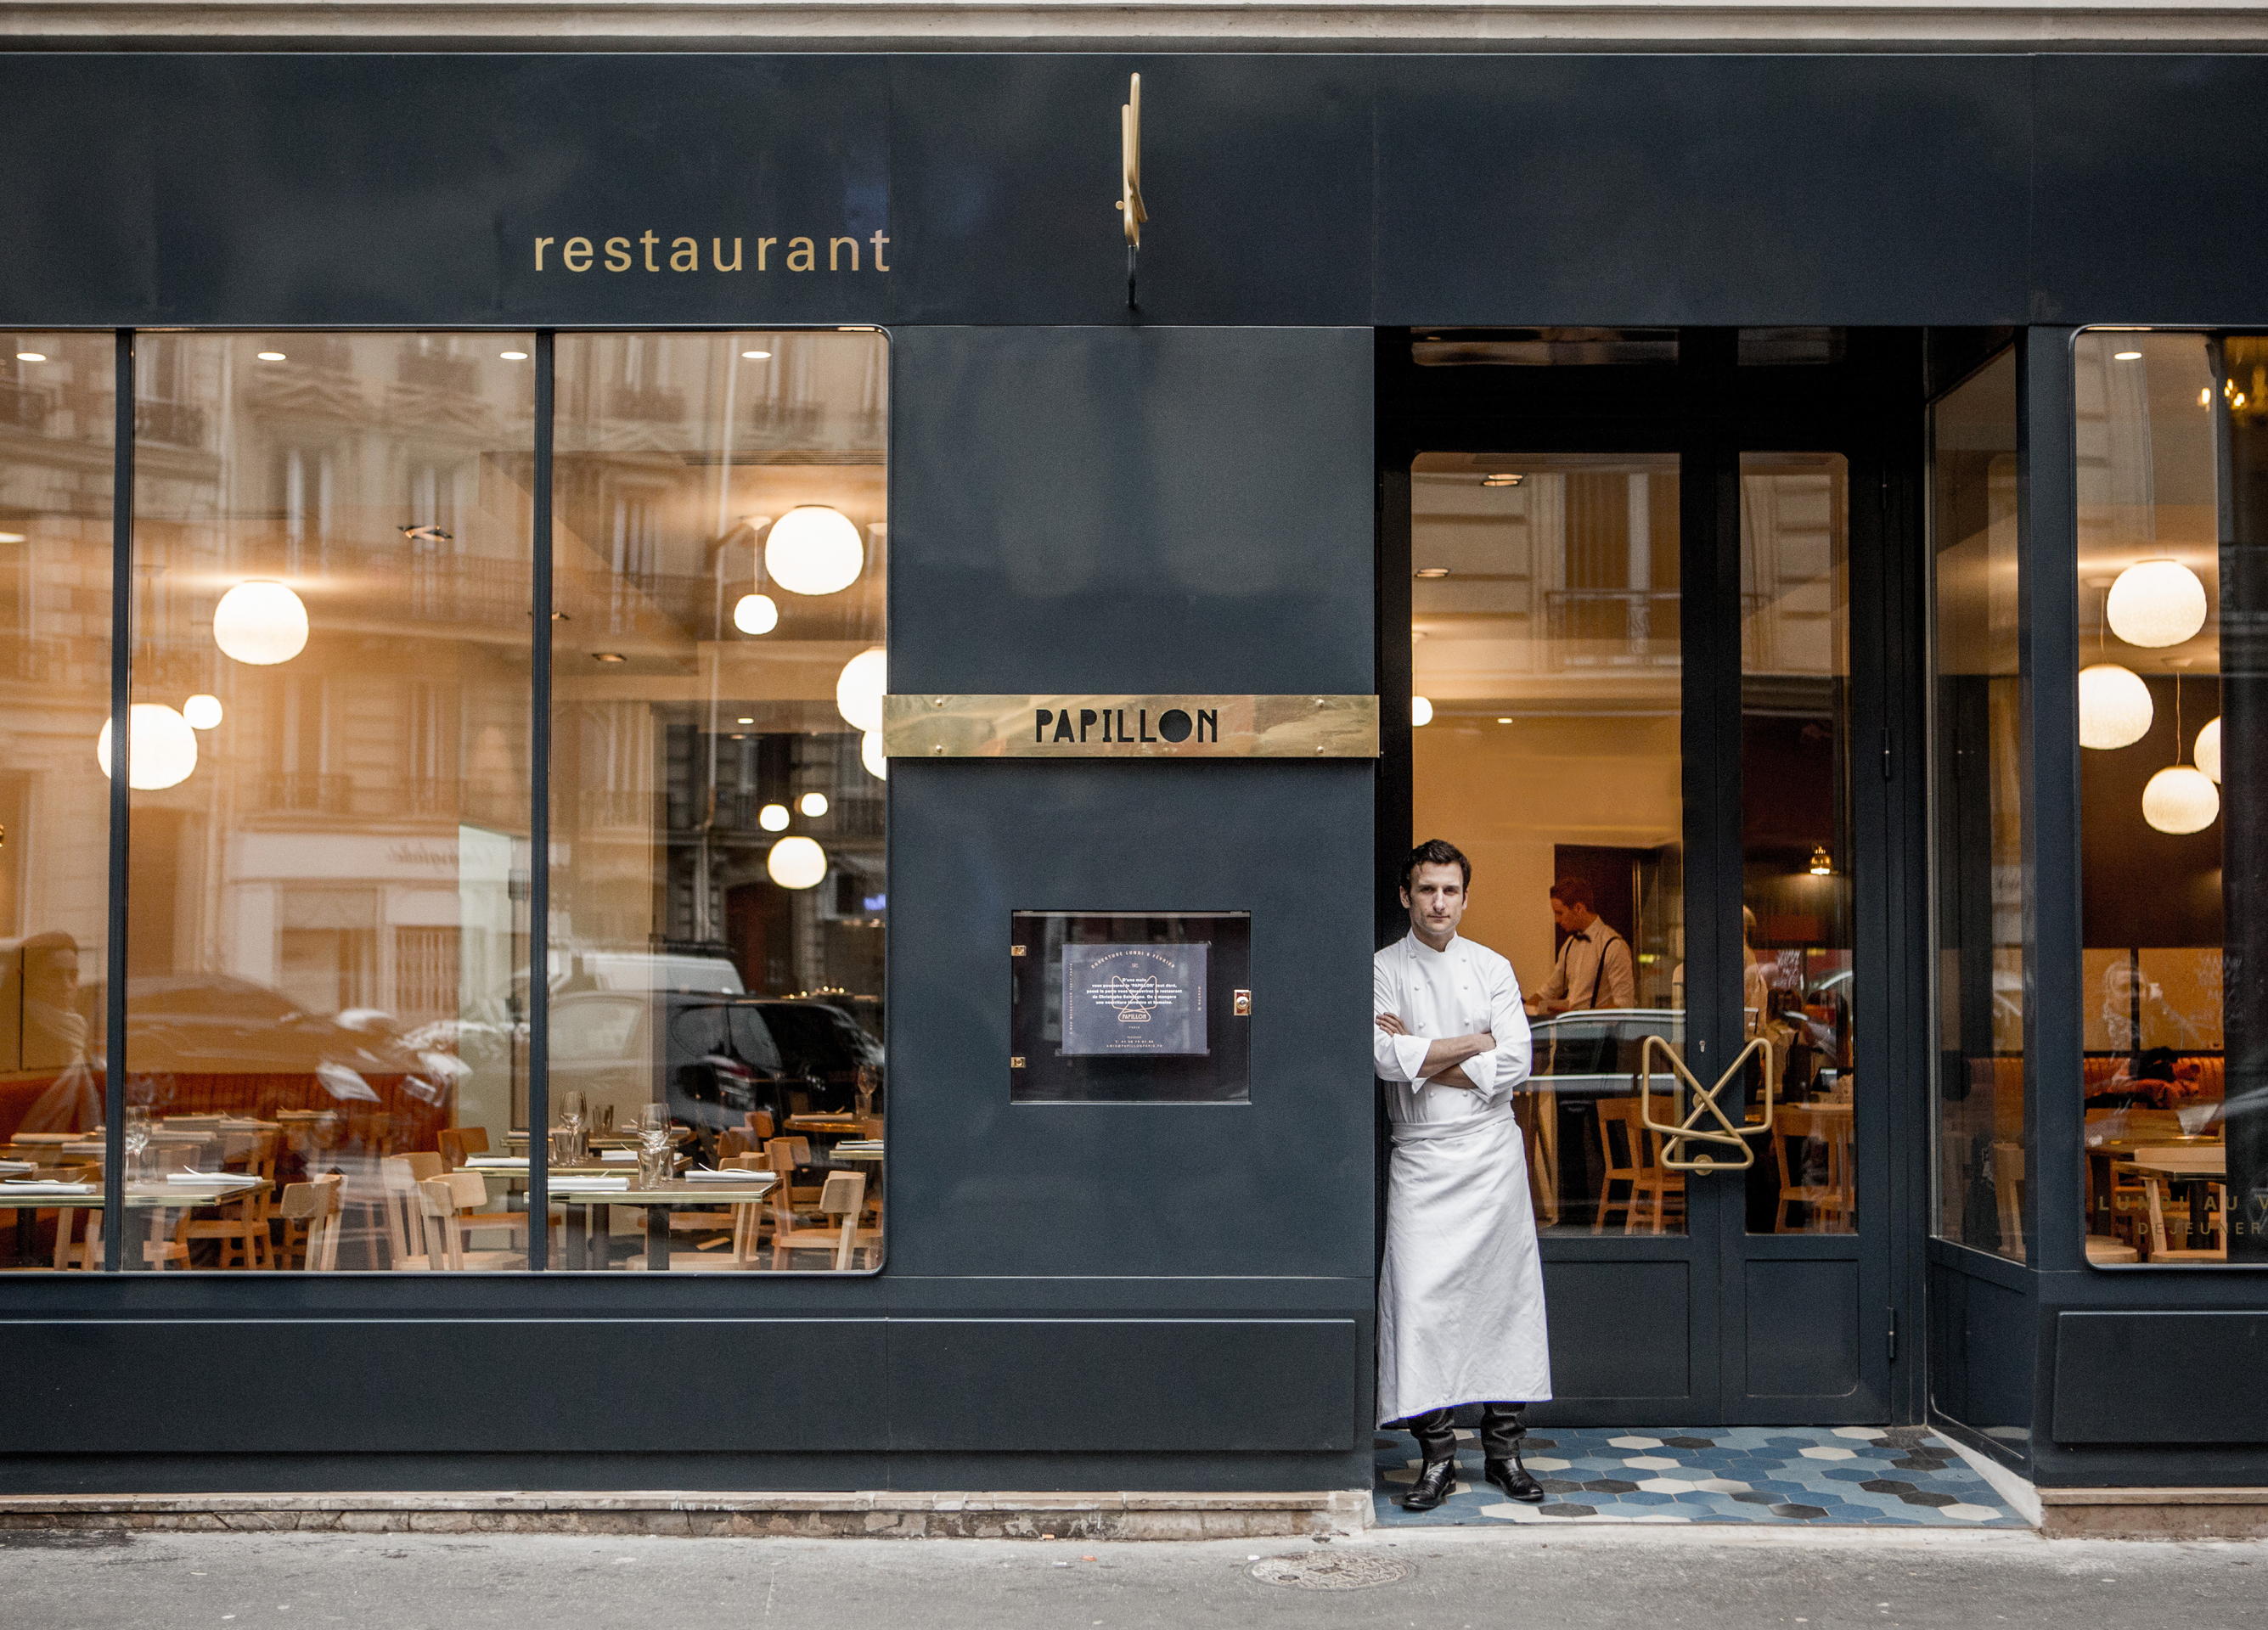 Les meilleurs restaurants frenchy de l 39 ann e selon le for Meilleur bistrot paris